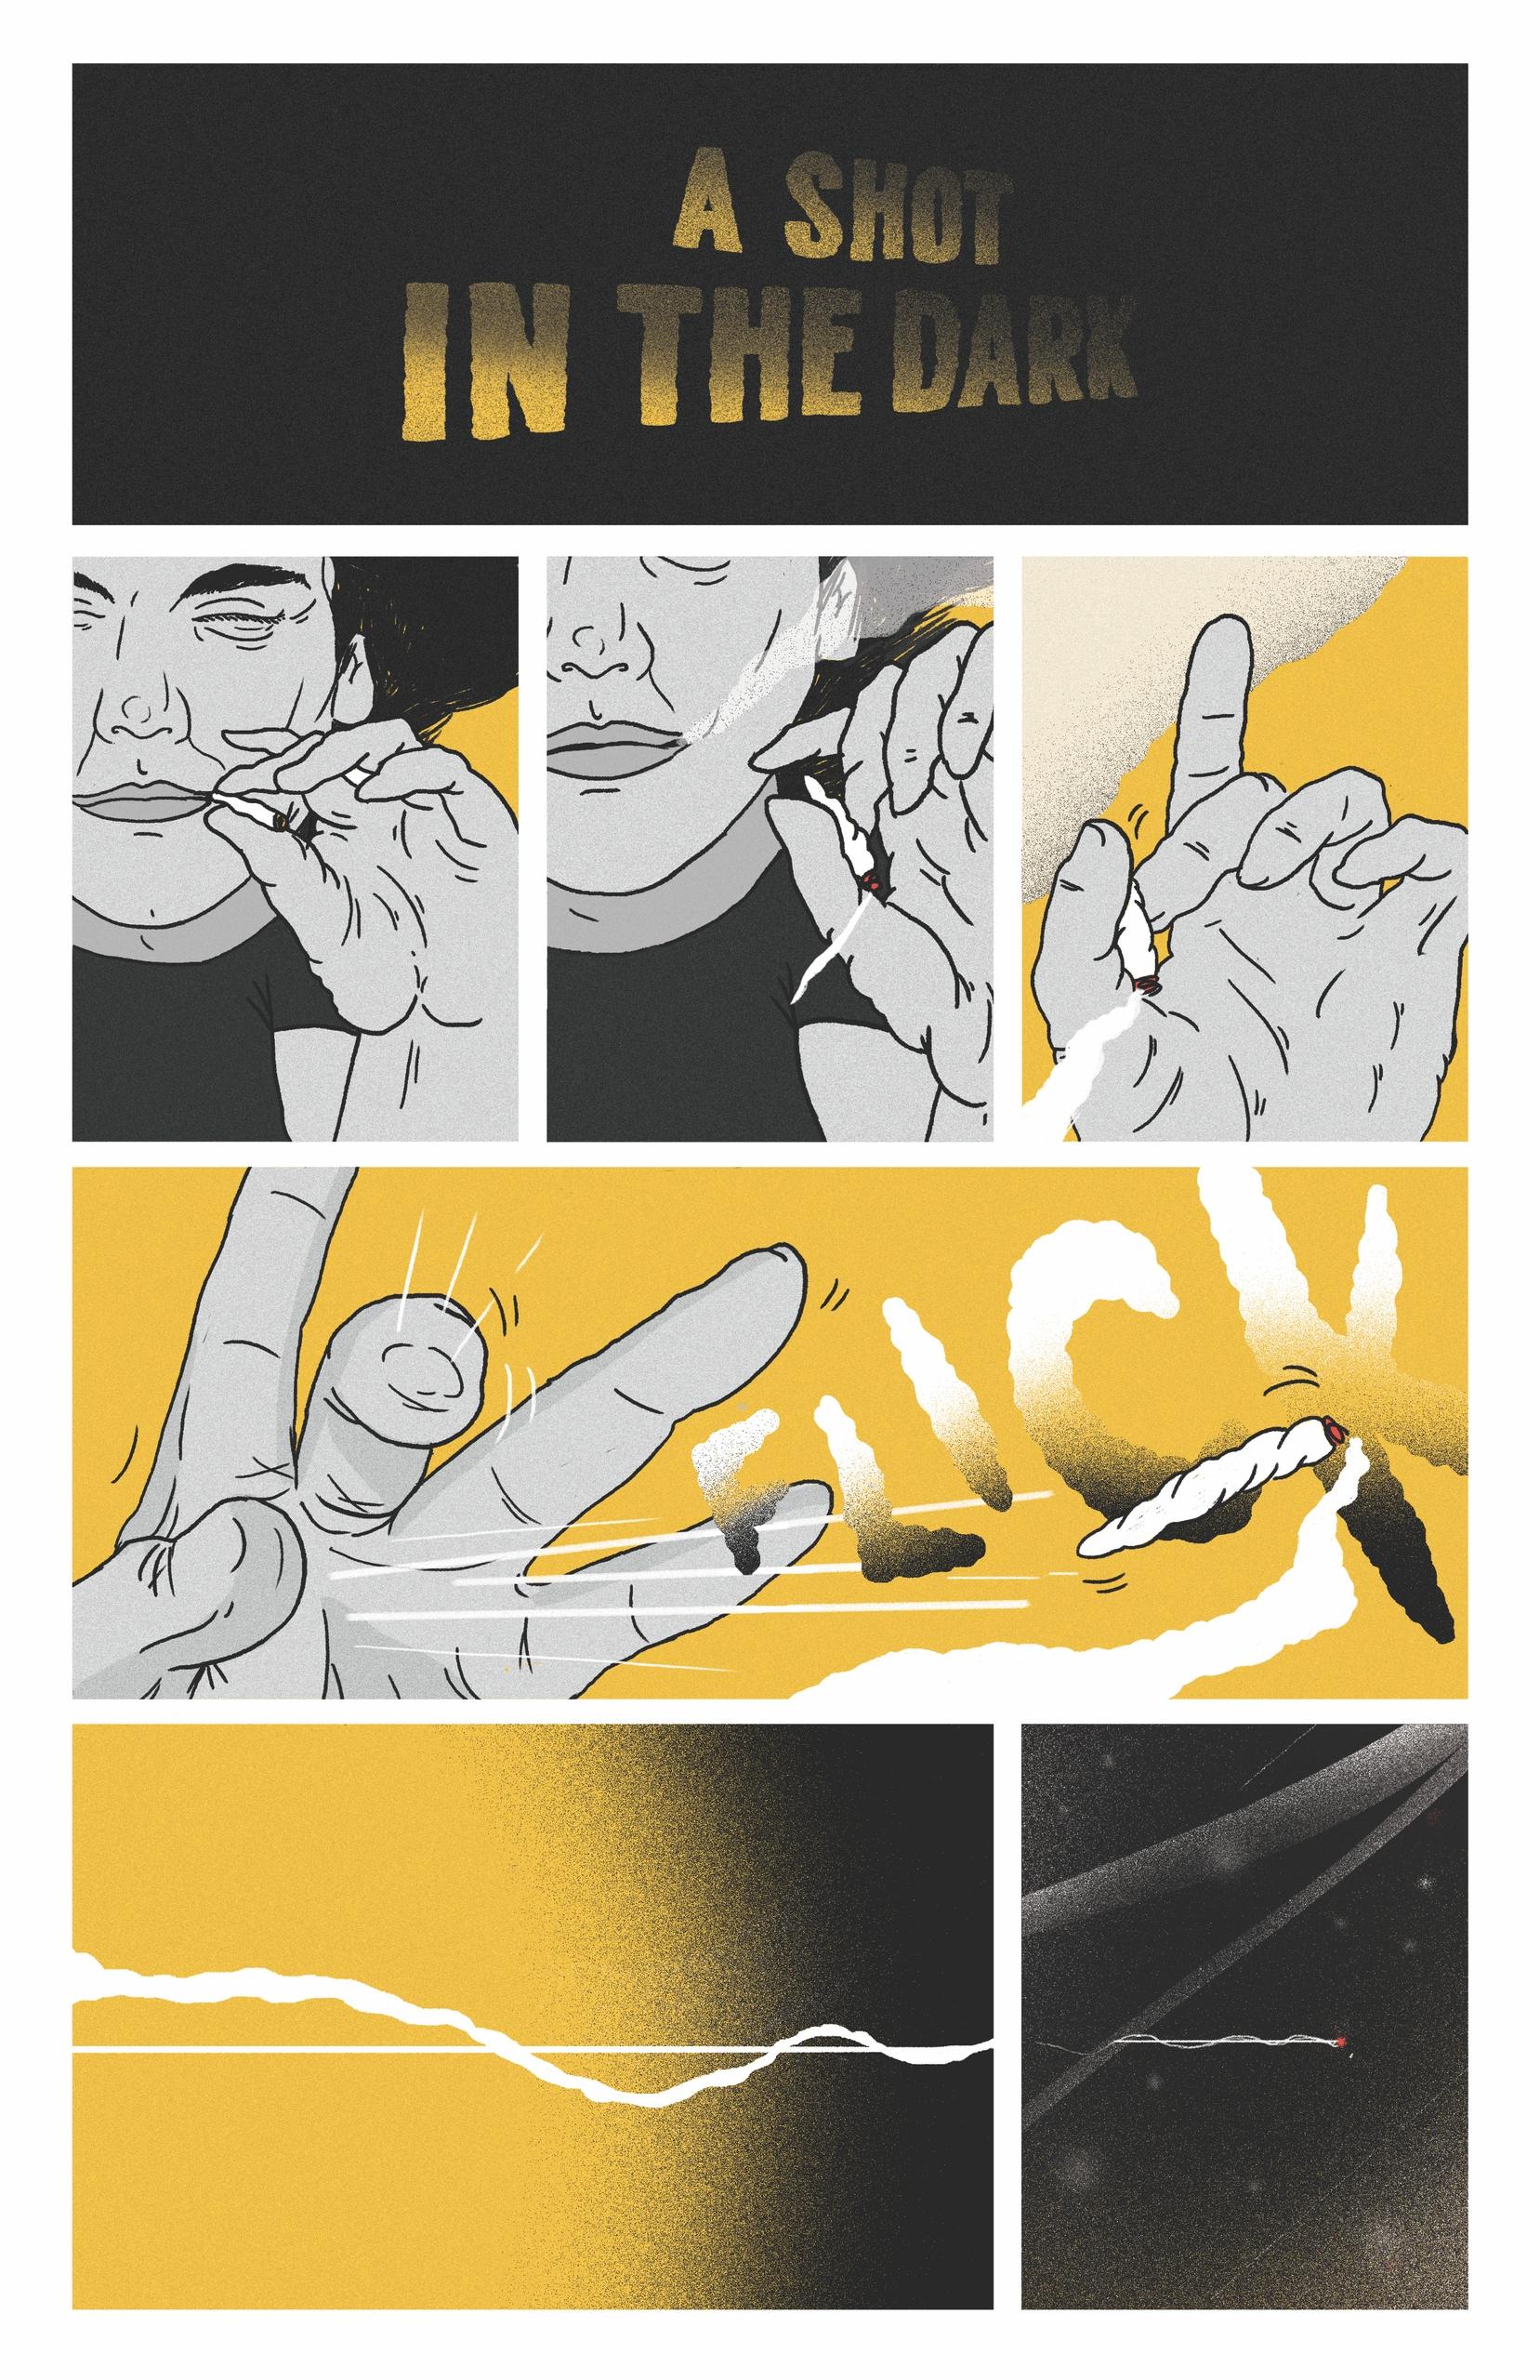 panel comic - elloillustration, comics - sharkdad | ello